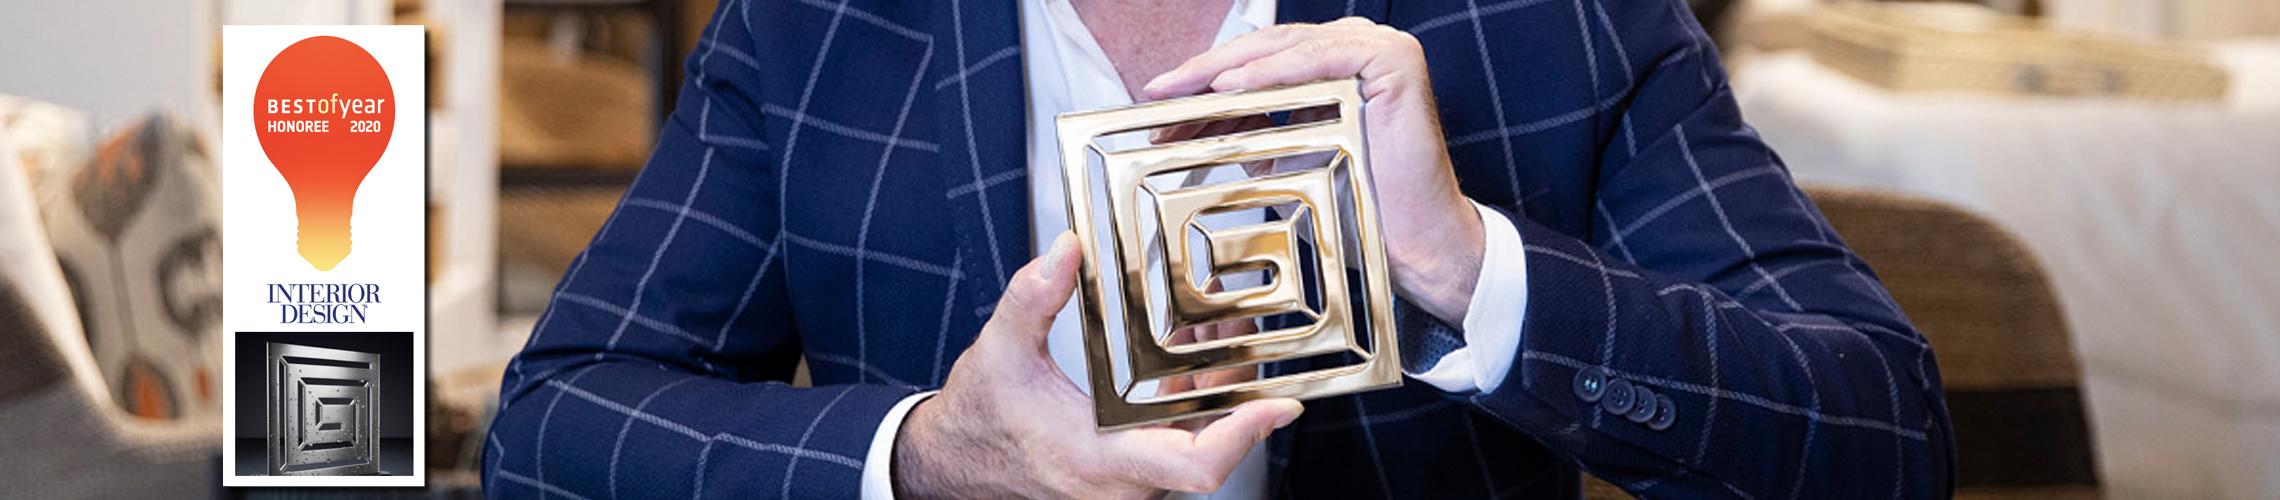 christophergrubb-banner-draincover-award